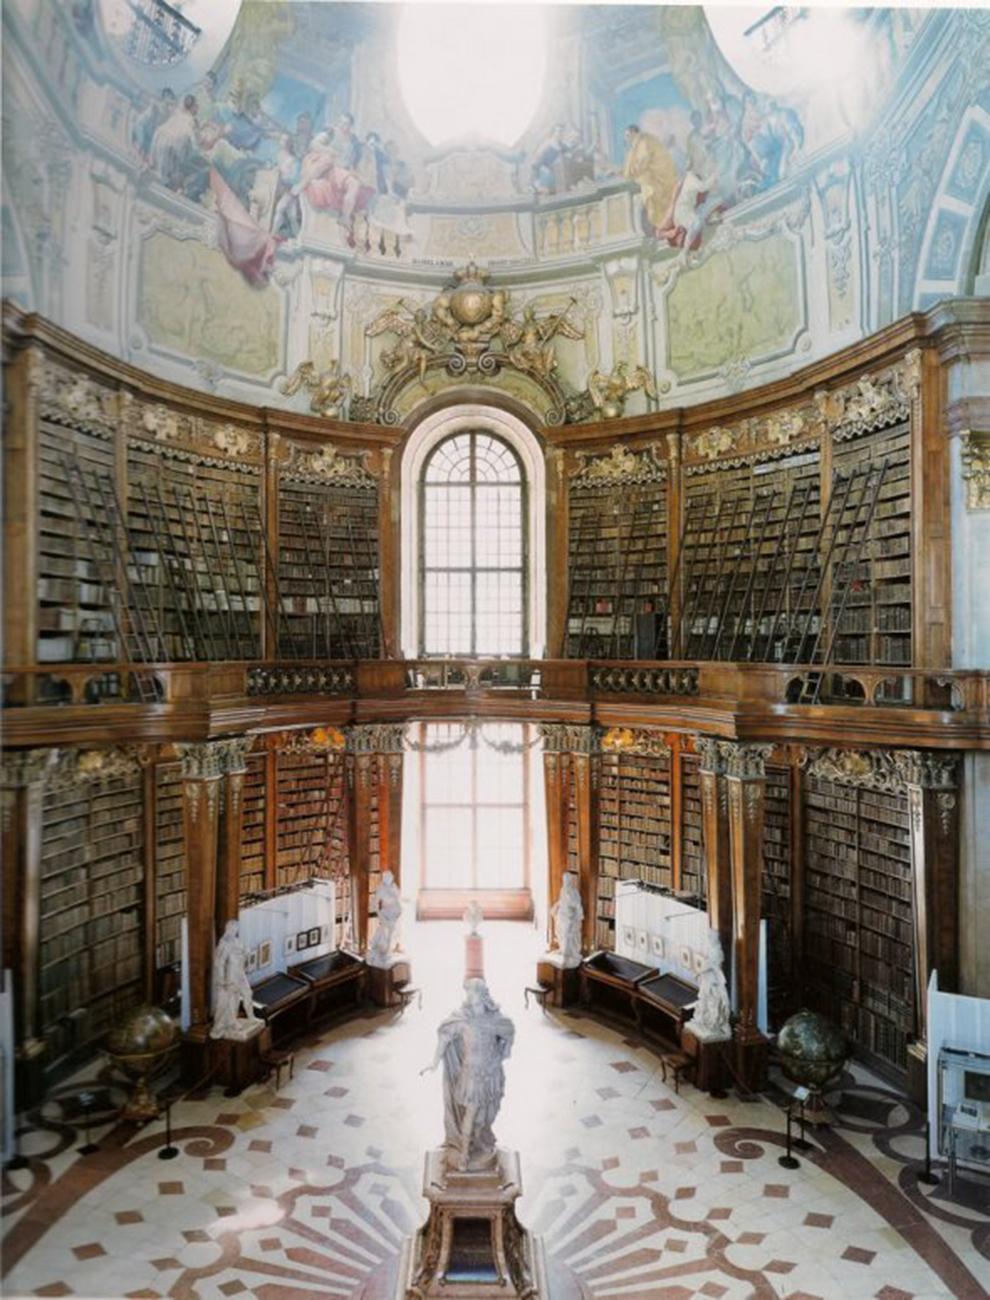 fotografía Candida Höfer Biblioteca de Viena